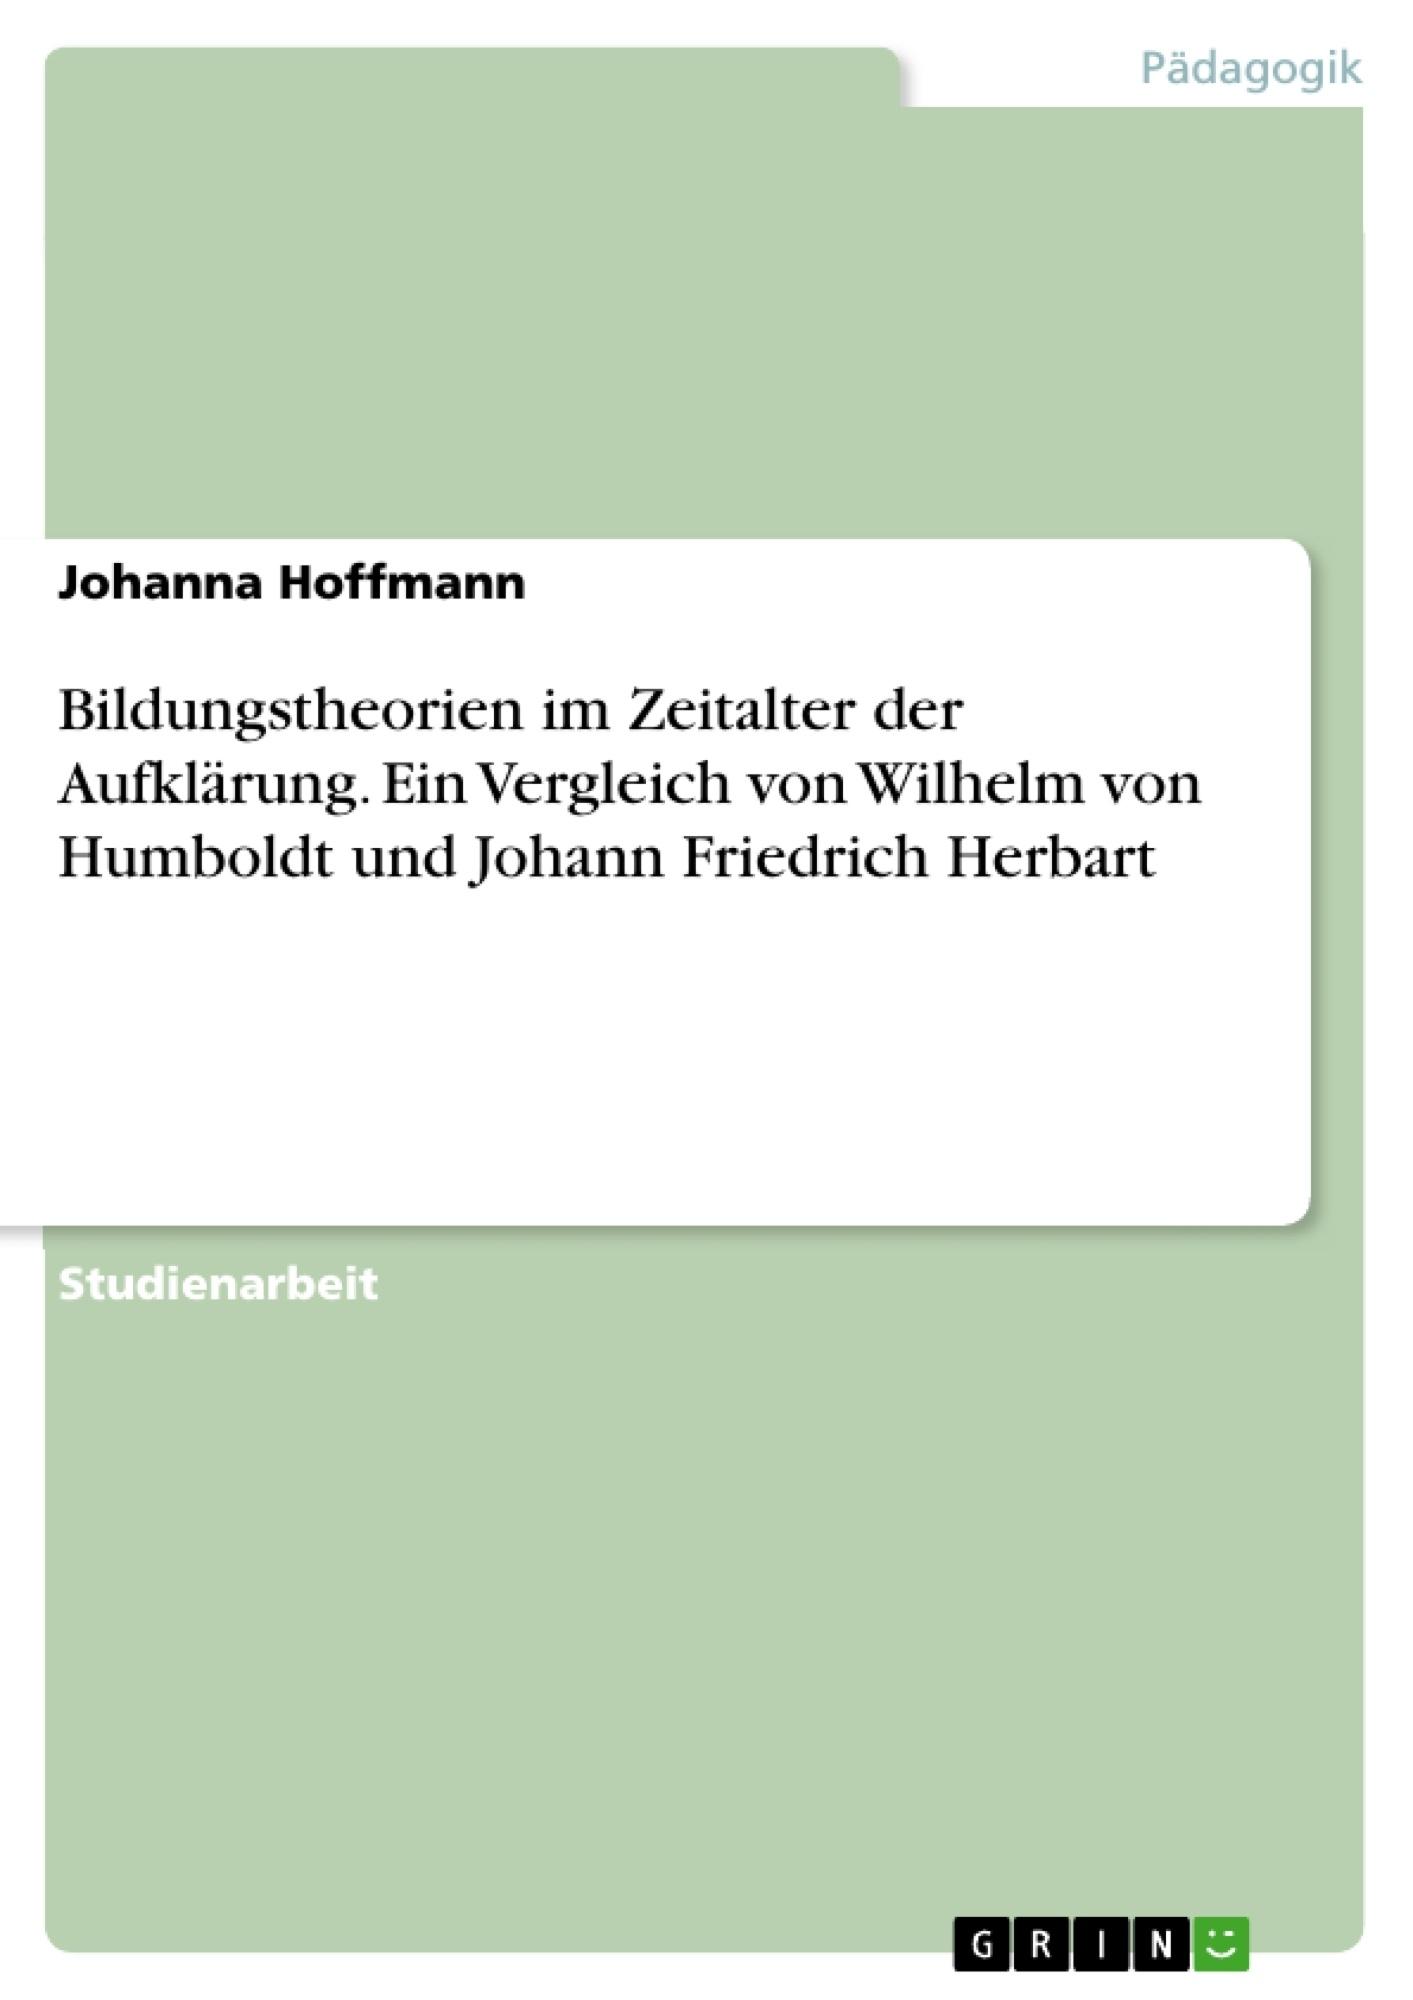 Titel: Bildungstheorien im Zeitalter der Aufklärung. Ein Vergleich von Wilhelm von Humboldt und Johann Friedrich Herbart